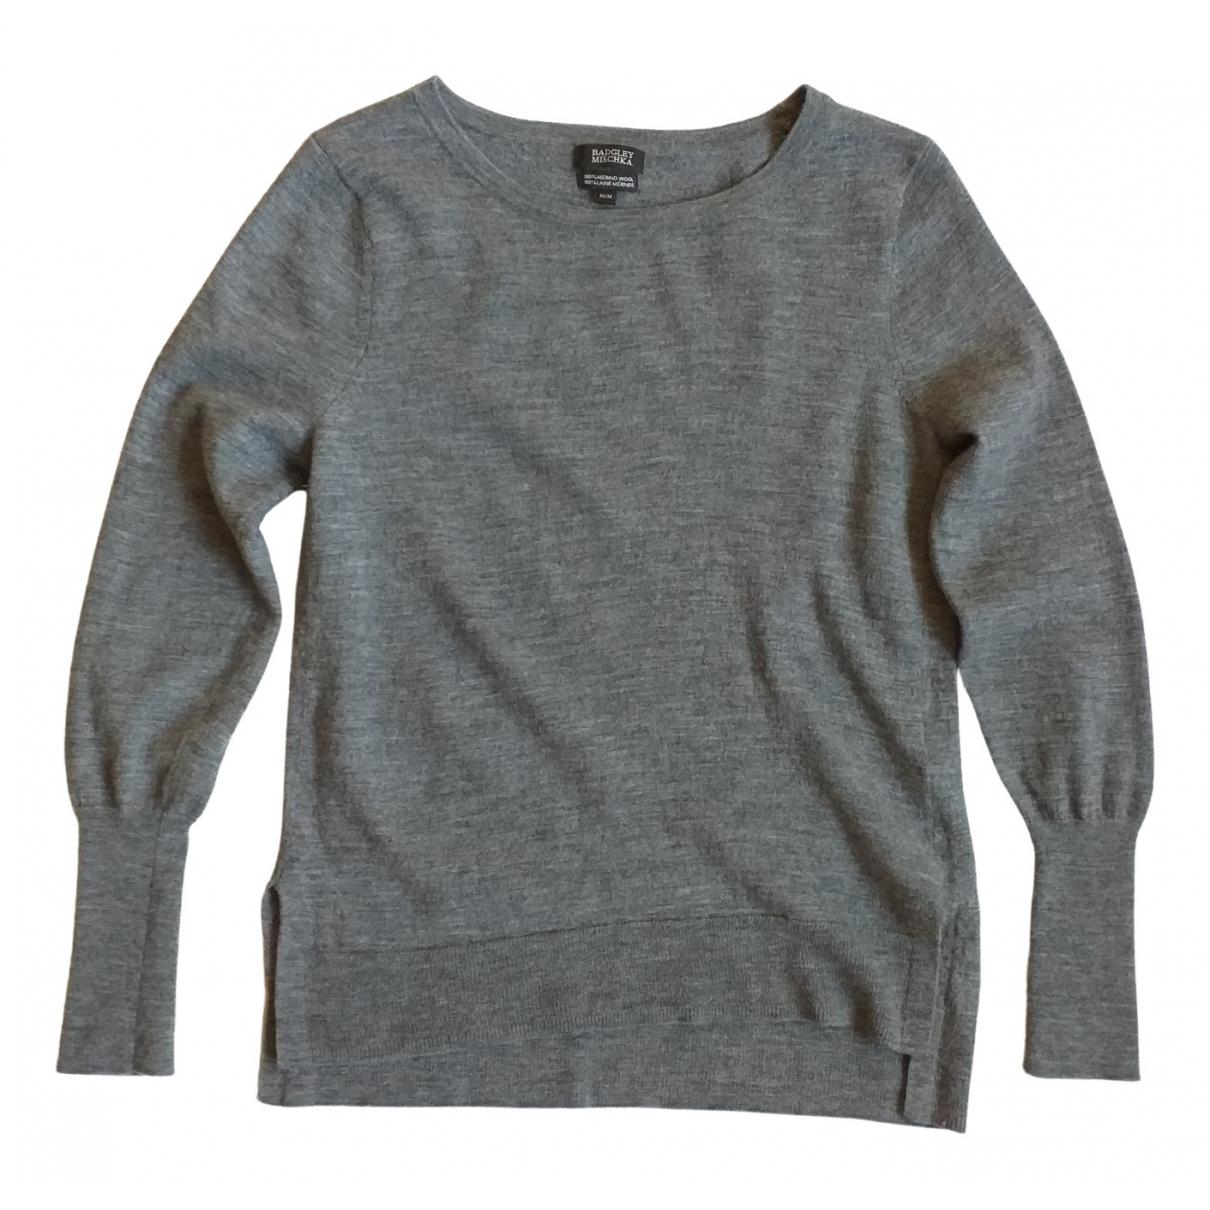 Badgley Mischka - Pull   pour femme en laine - gris